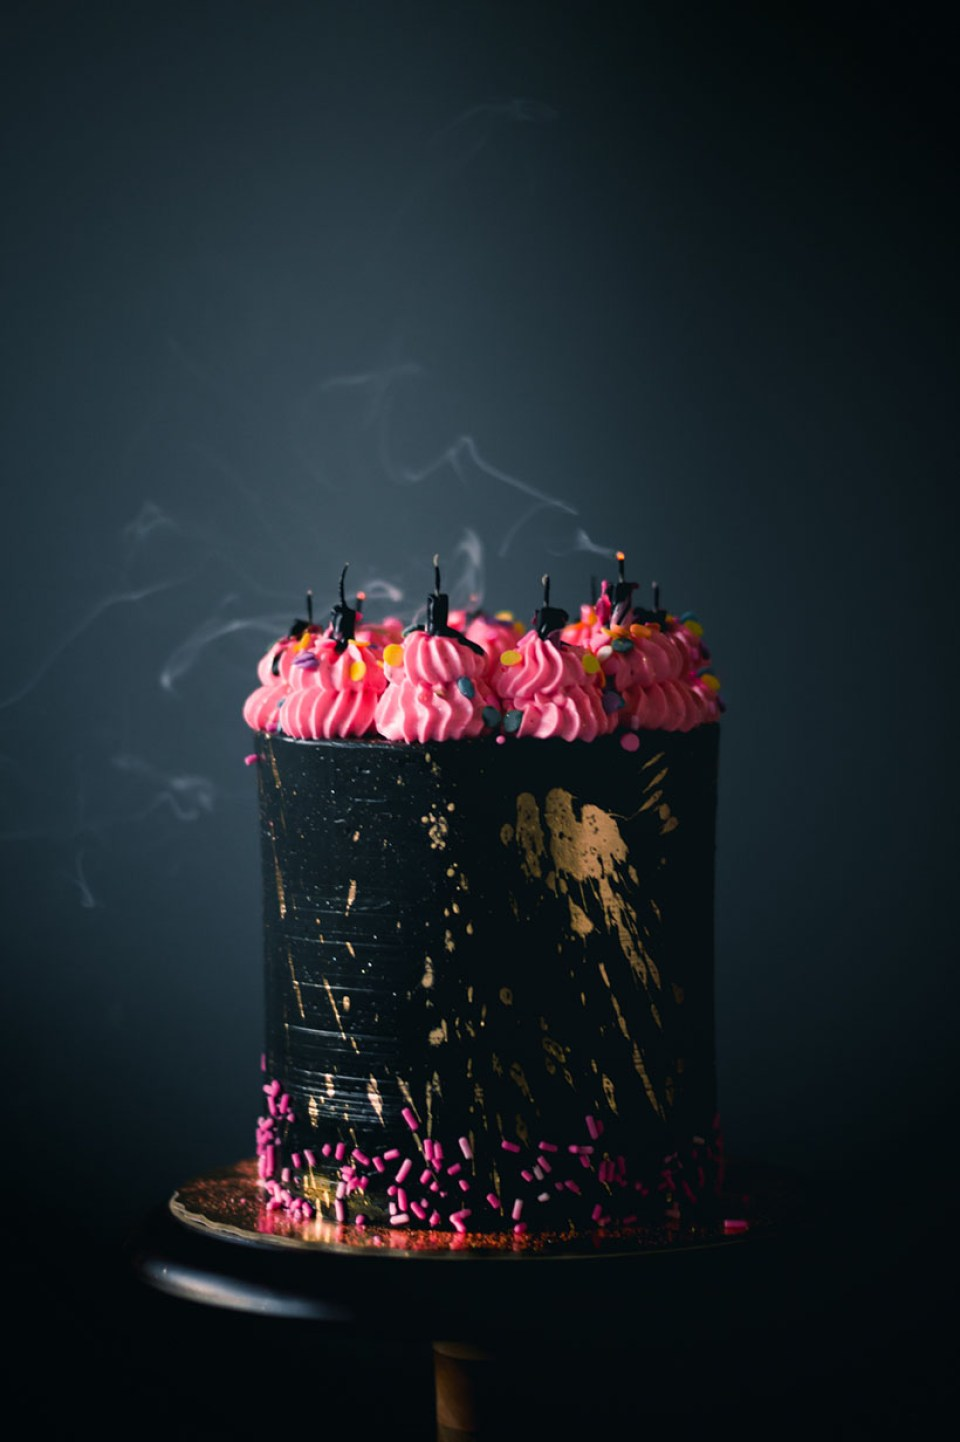 dark_rainbow_cake-2560